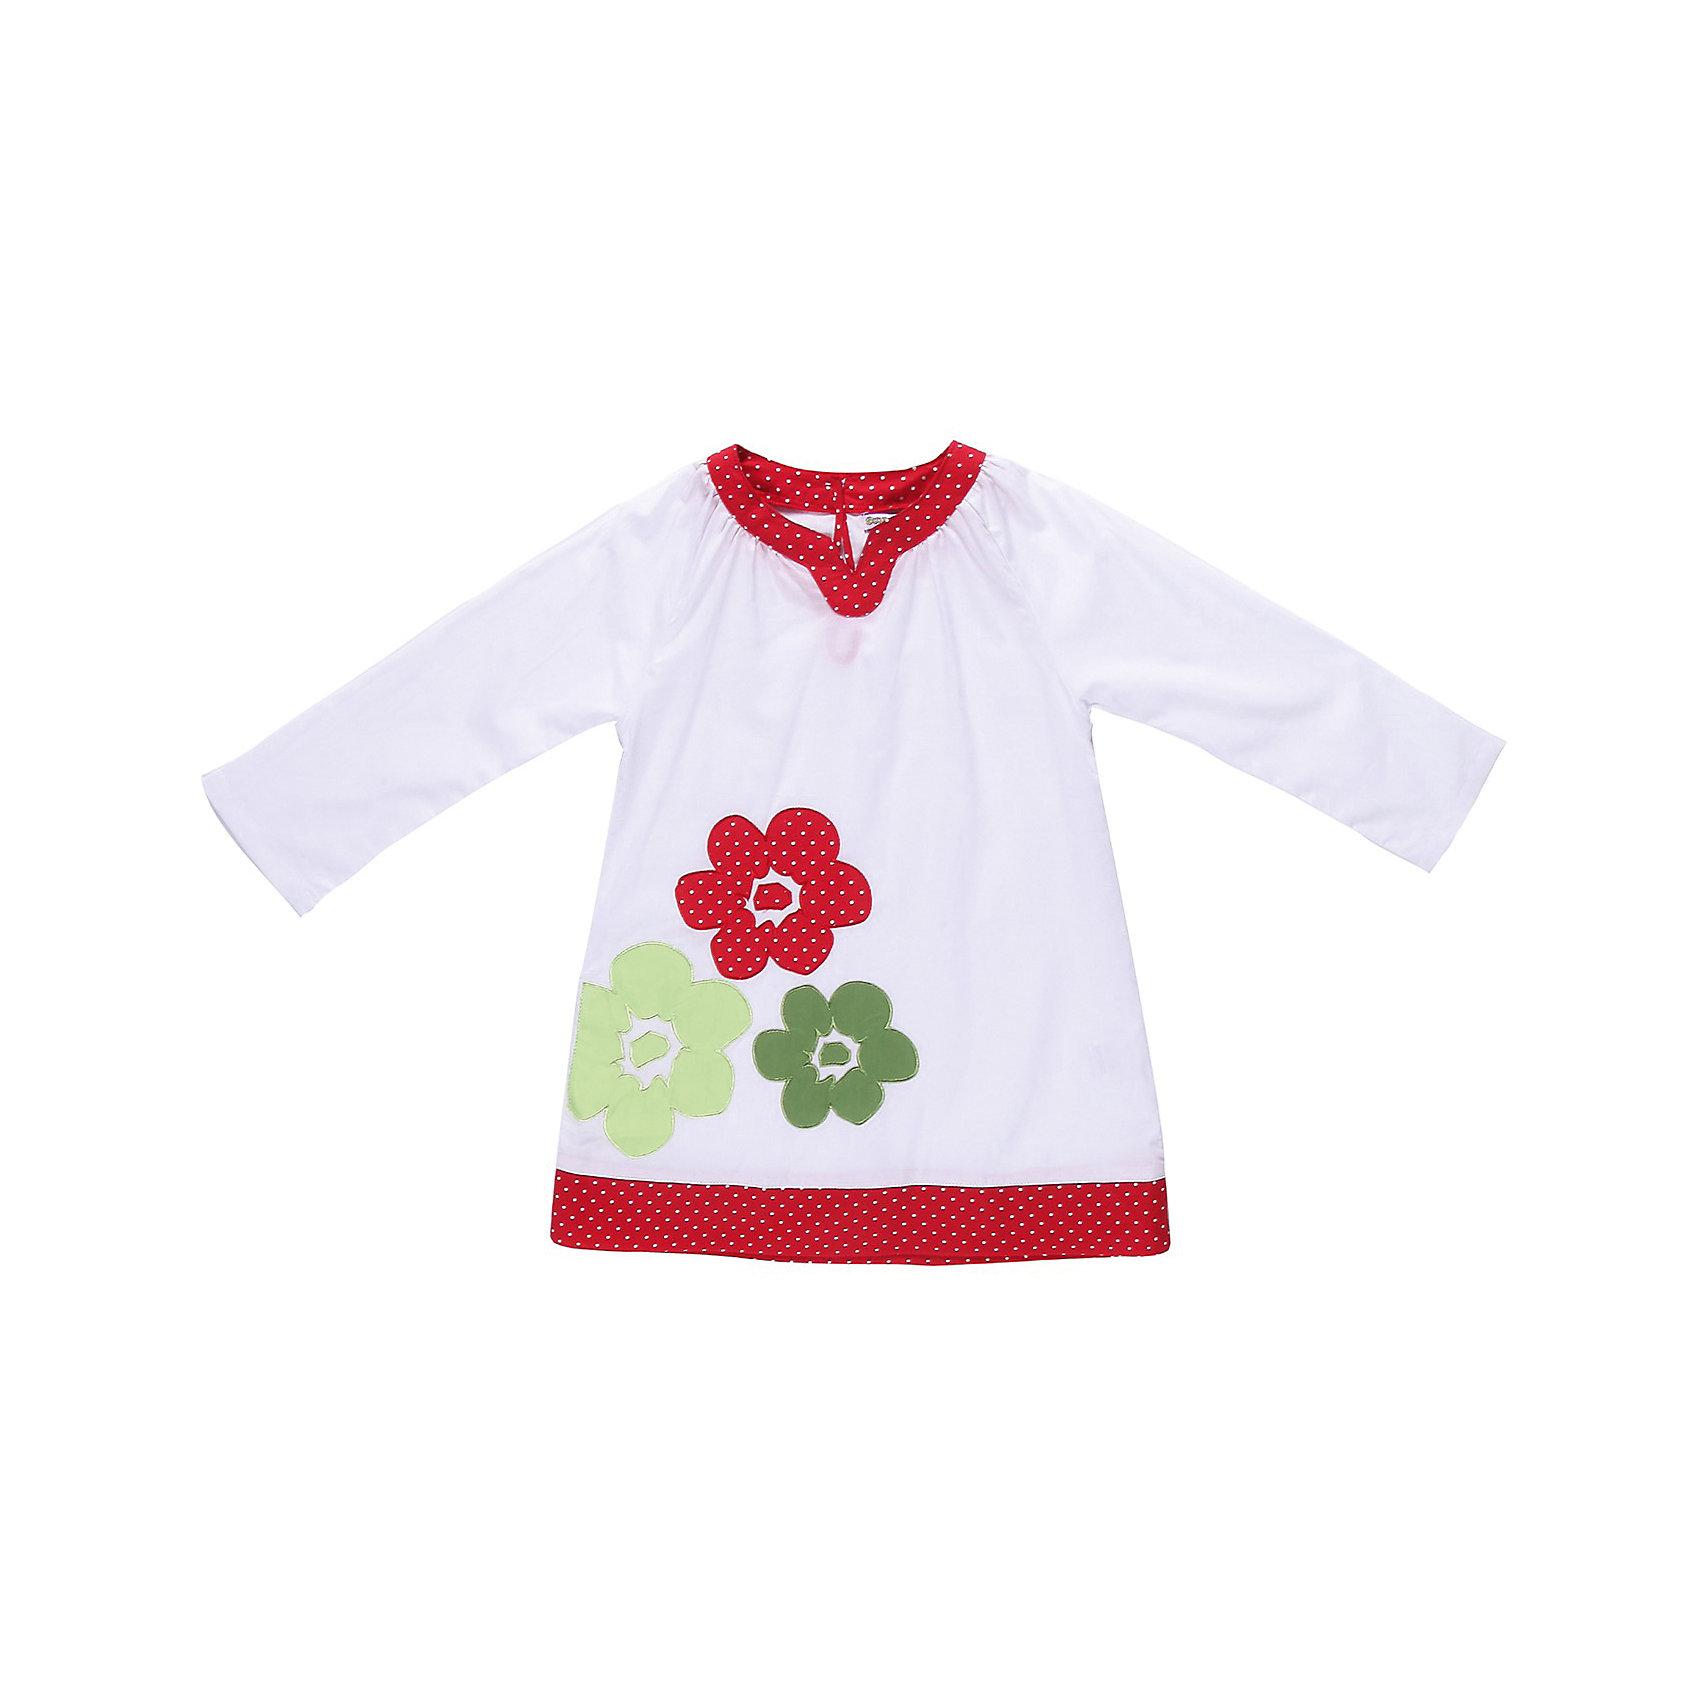 Платье для девочки Sweet BerryПляжное платье из тонкого хлопка, Модель свободного покроя с присборенной горловиной. Украшена аппликацией и цветной планкой по низу.<br>Состав:<br>100% хлопок<br><br>Ширина мм: 236<br>Глубина мм: 16<br>Высота мм: 184<br>Вес г: 177<br>Цвет: разноцветный<br>Возраст от месяцев: 84<br>Возраст до месяцев: 96<br>Пол: Женский<br>Возраст: Детский<br>Размер: 128,110,116,122,104,98<br>SKU: 4521420